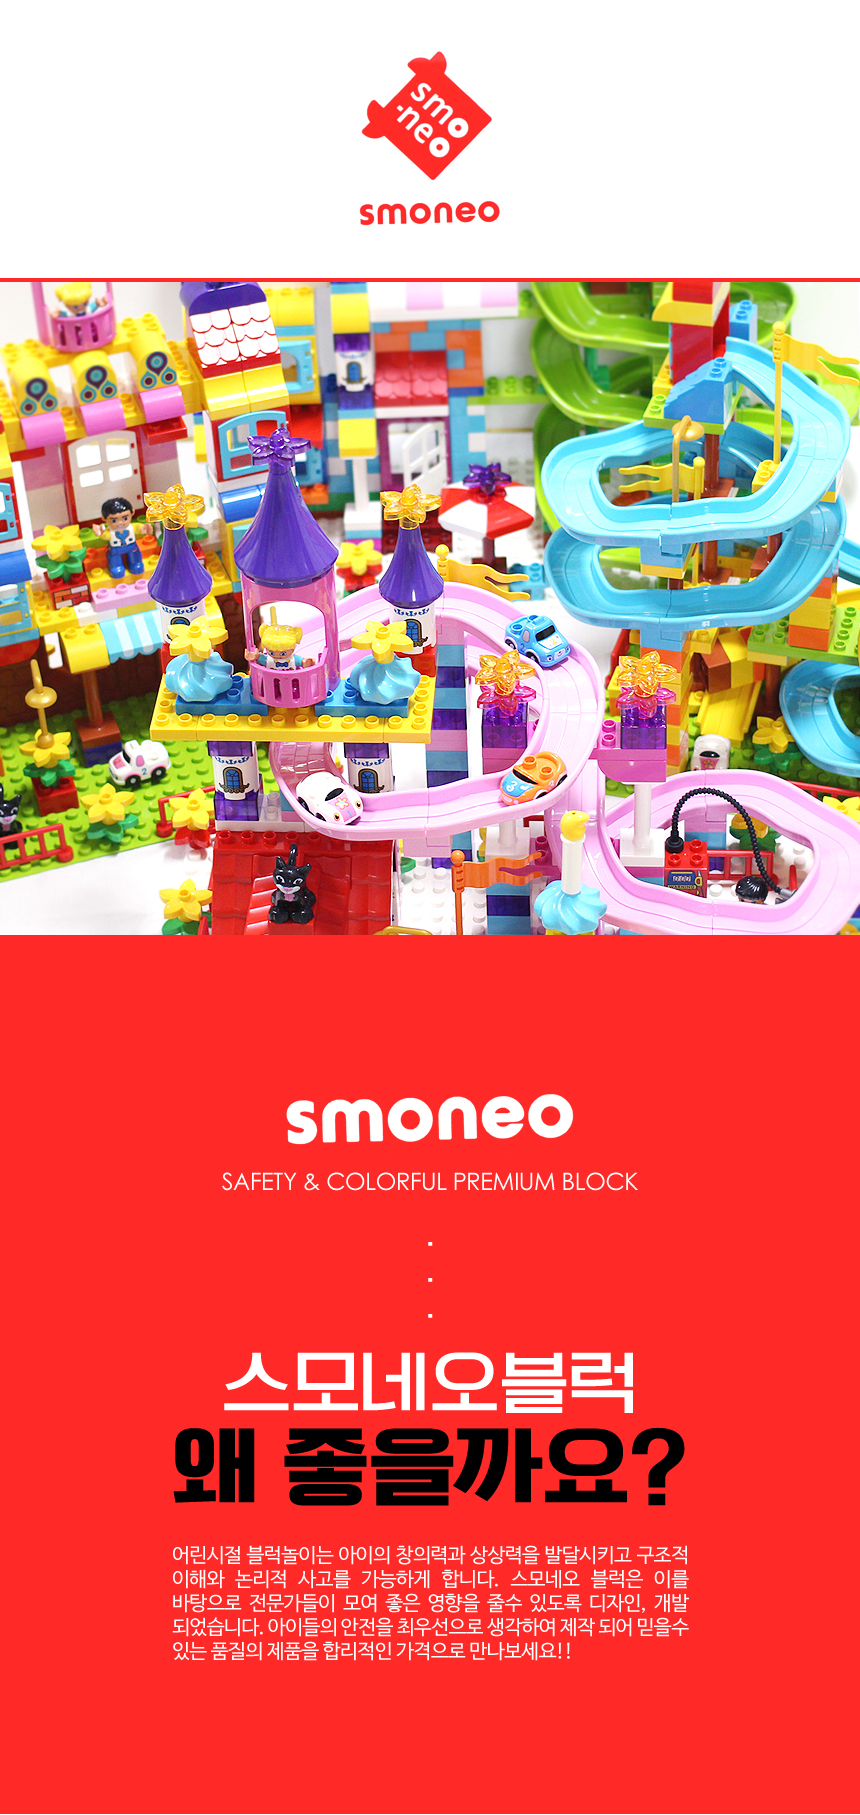 smoneo_block_01.jpg